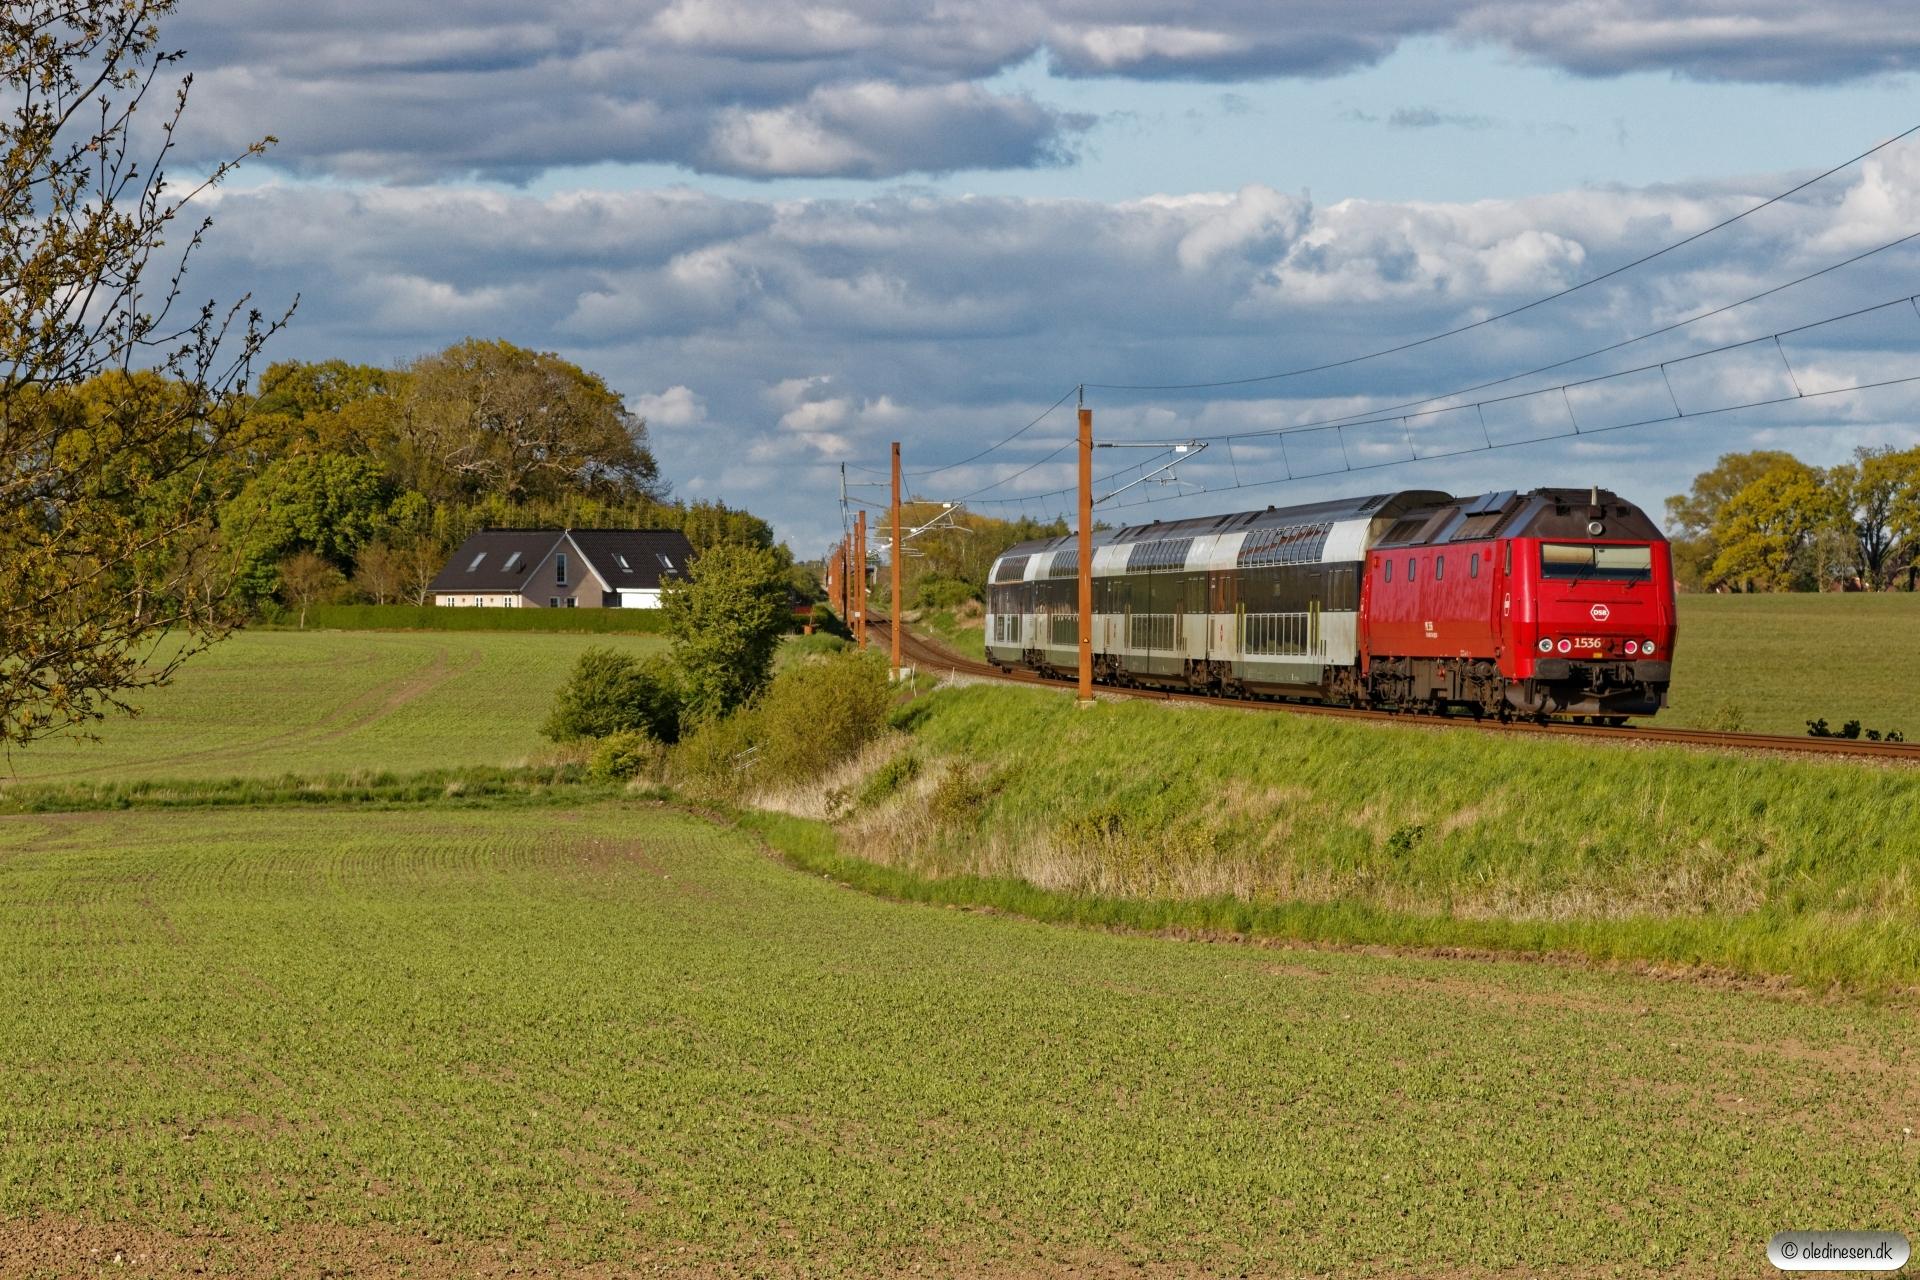 DSB ME 1536 med RØ 4854 Nf-Kj. Km 77,6 Kh (Haslev-Holme-Olstrup) 14.05.2020.